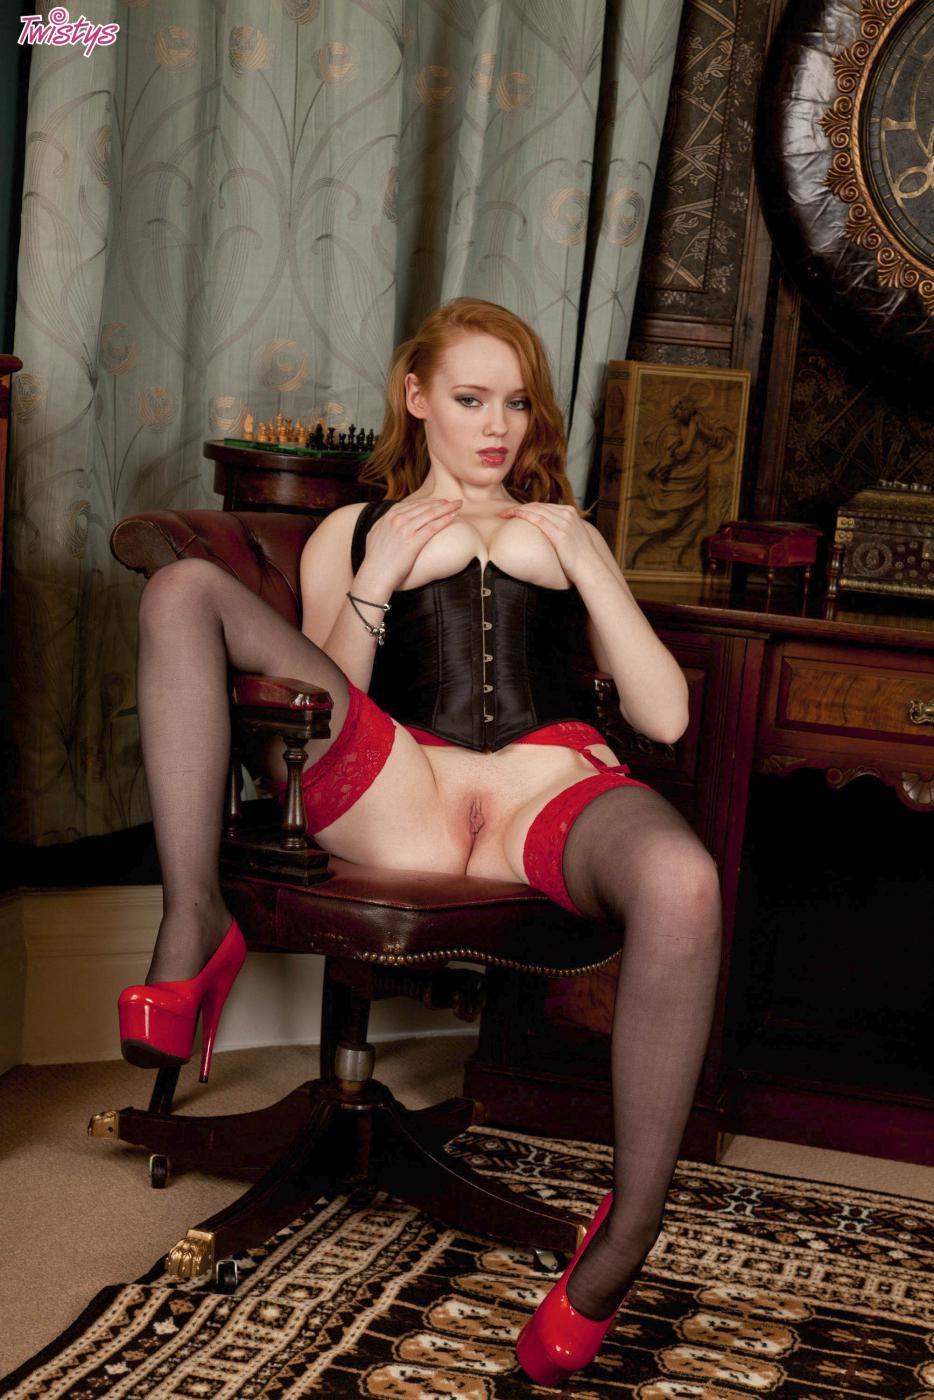 Рыжеволосая детка в белье и чулочках Kloe Kane снимает шелковые бикини и показывает пилотку